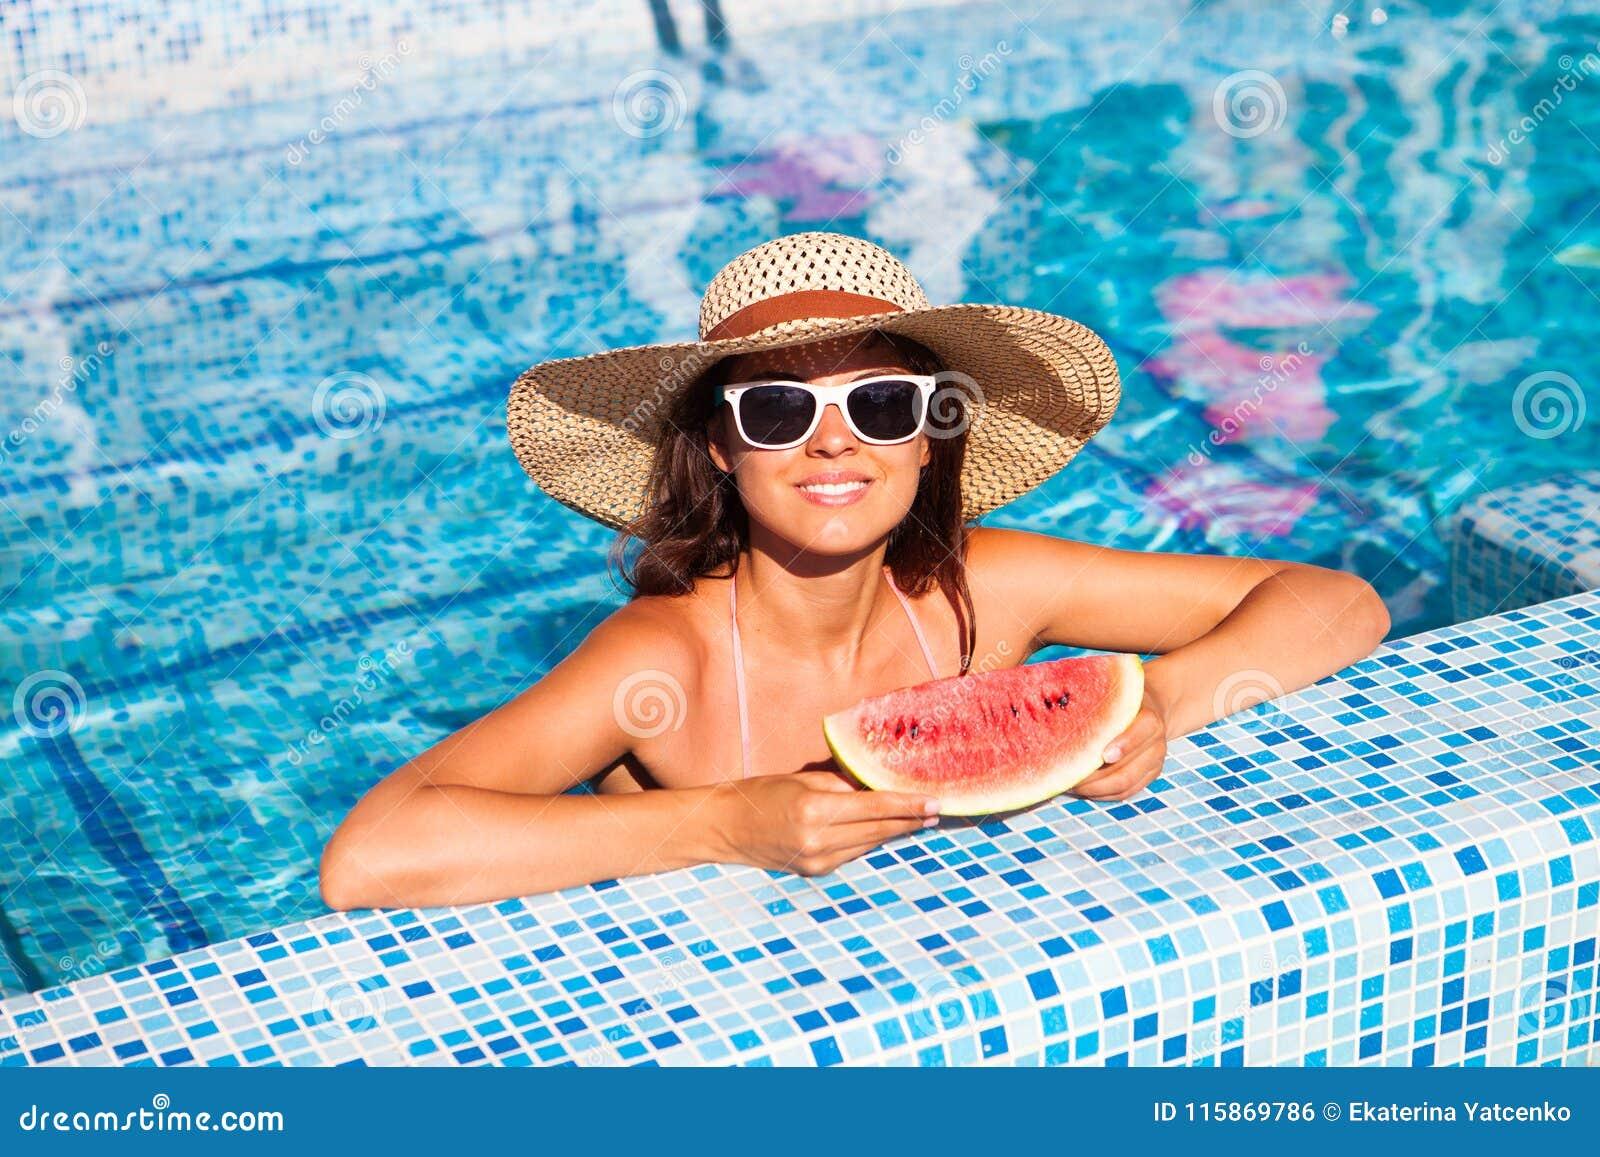 Dziewczyna trzyma połówkę czerwonego arbuza nad błękitnym basenem, relaksuje o